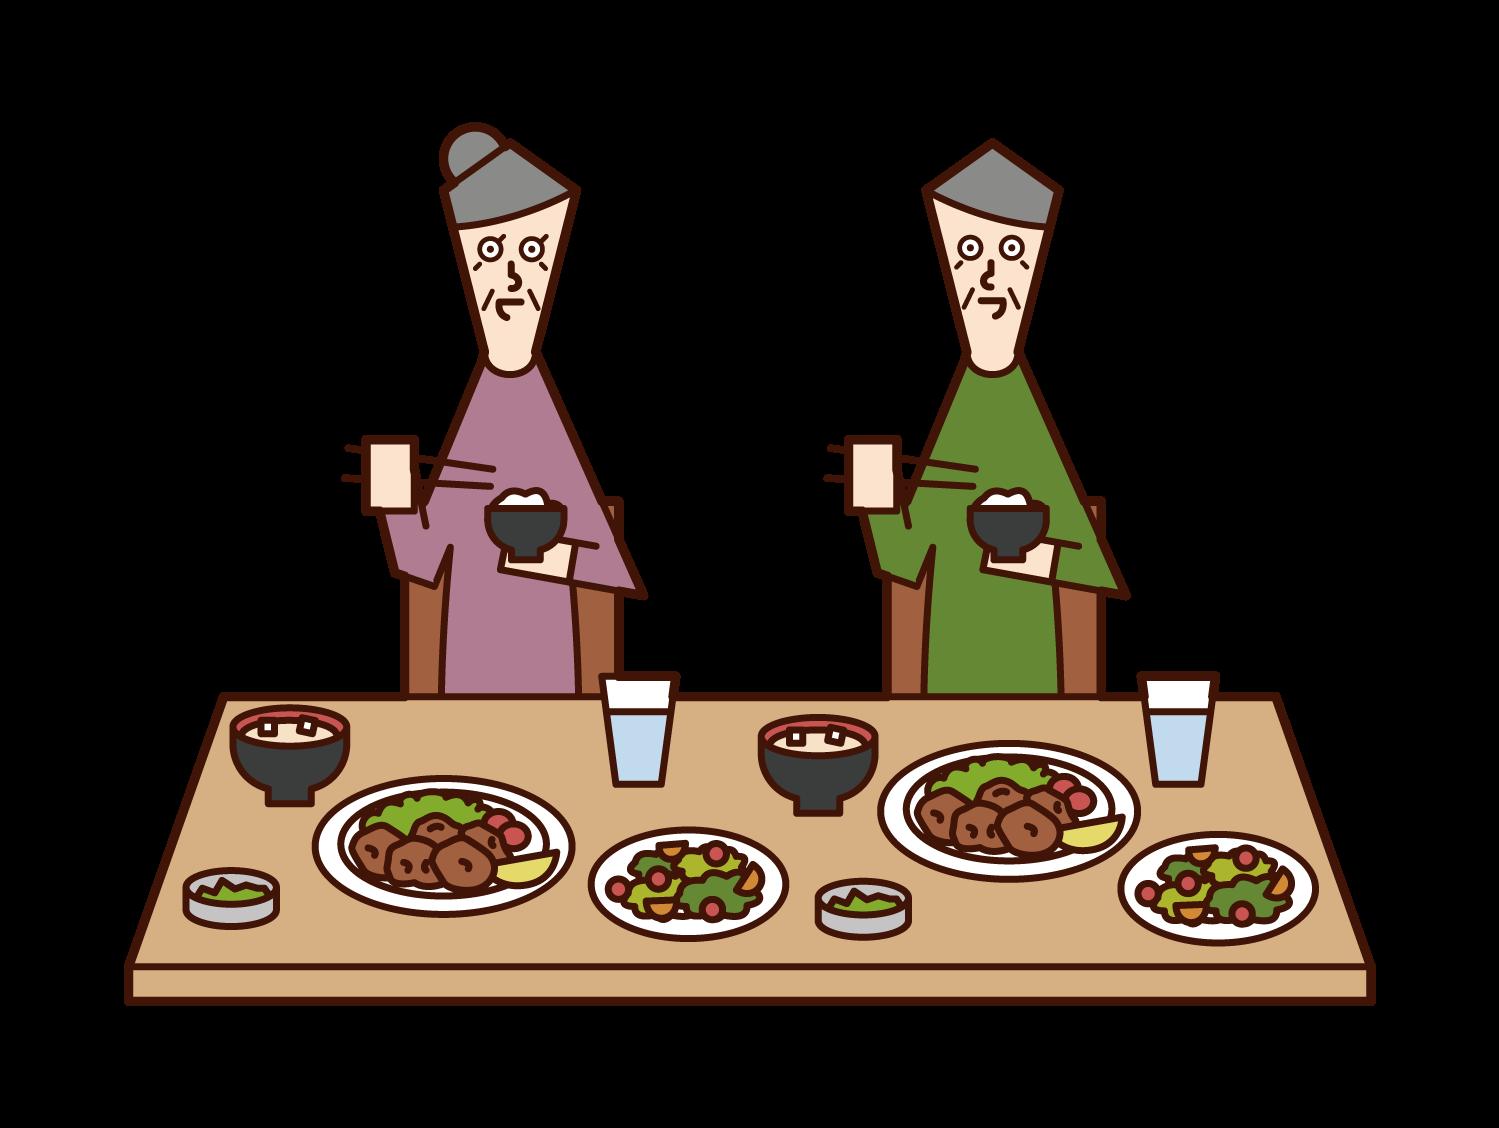 식사를 즐기는 노인 (남자와 여자)의 일러스트